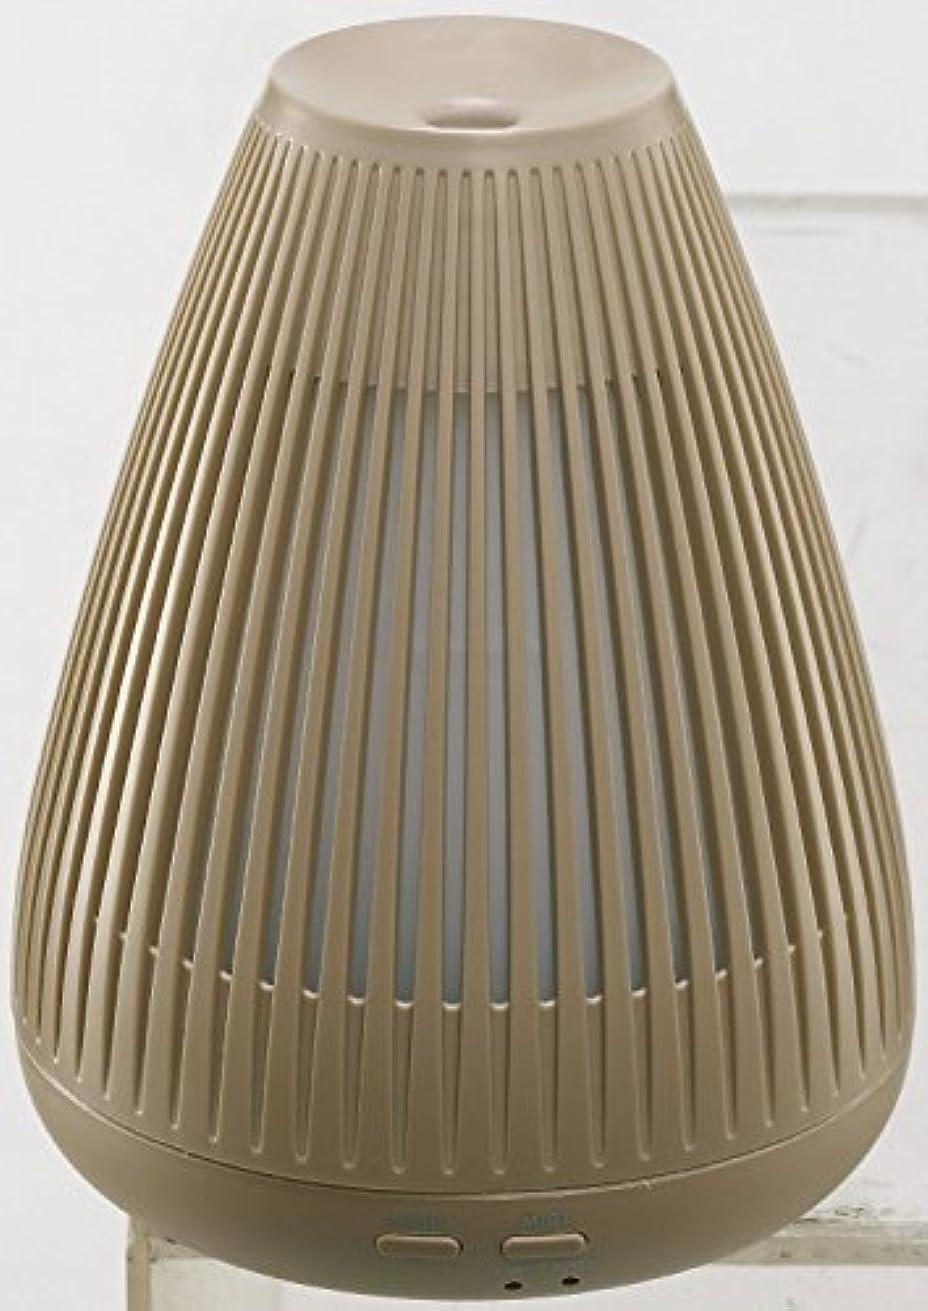 メンバーほのかまとめるムード 超音波アロマディフューザー ライトブラウン MOD-AM1102 LBR